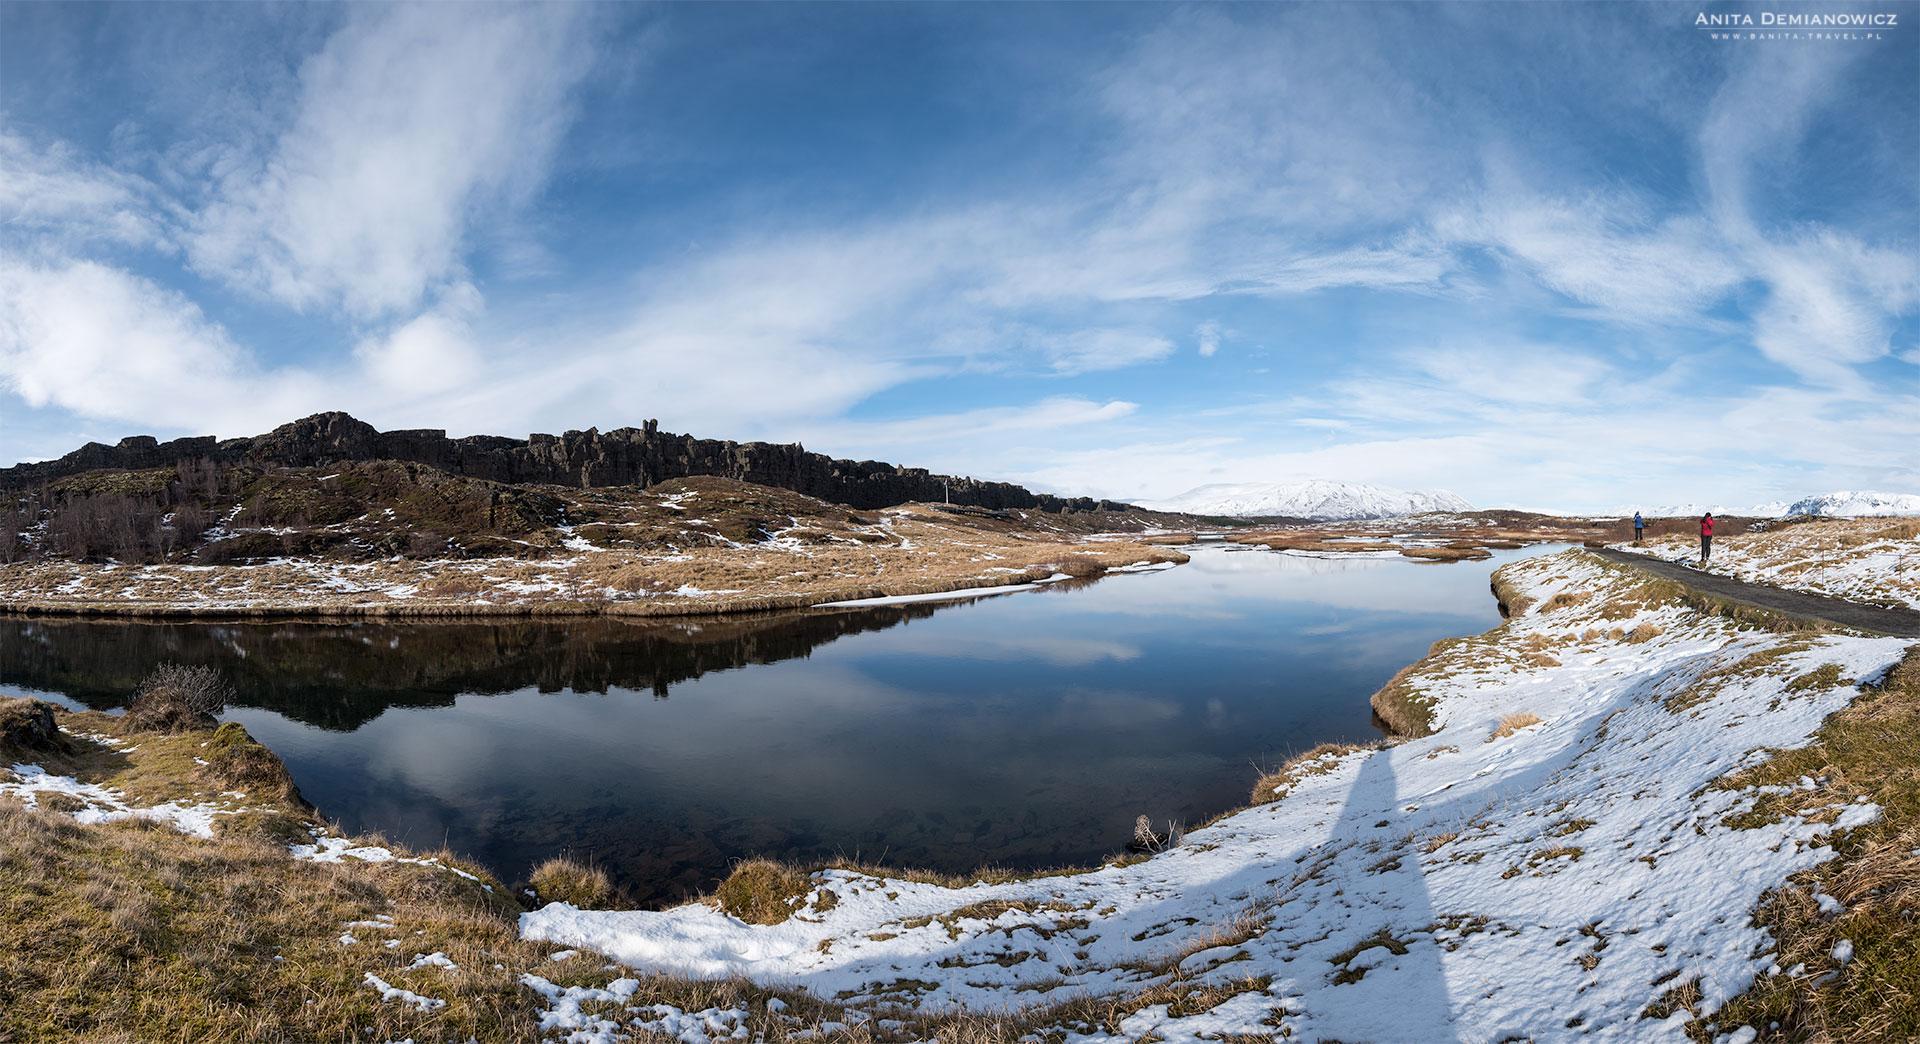 Park Thingvellir zimą, Islandia, Anita Demianowicz